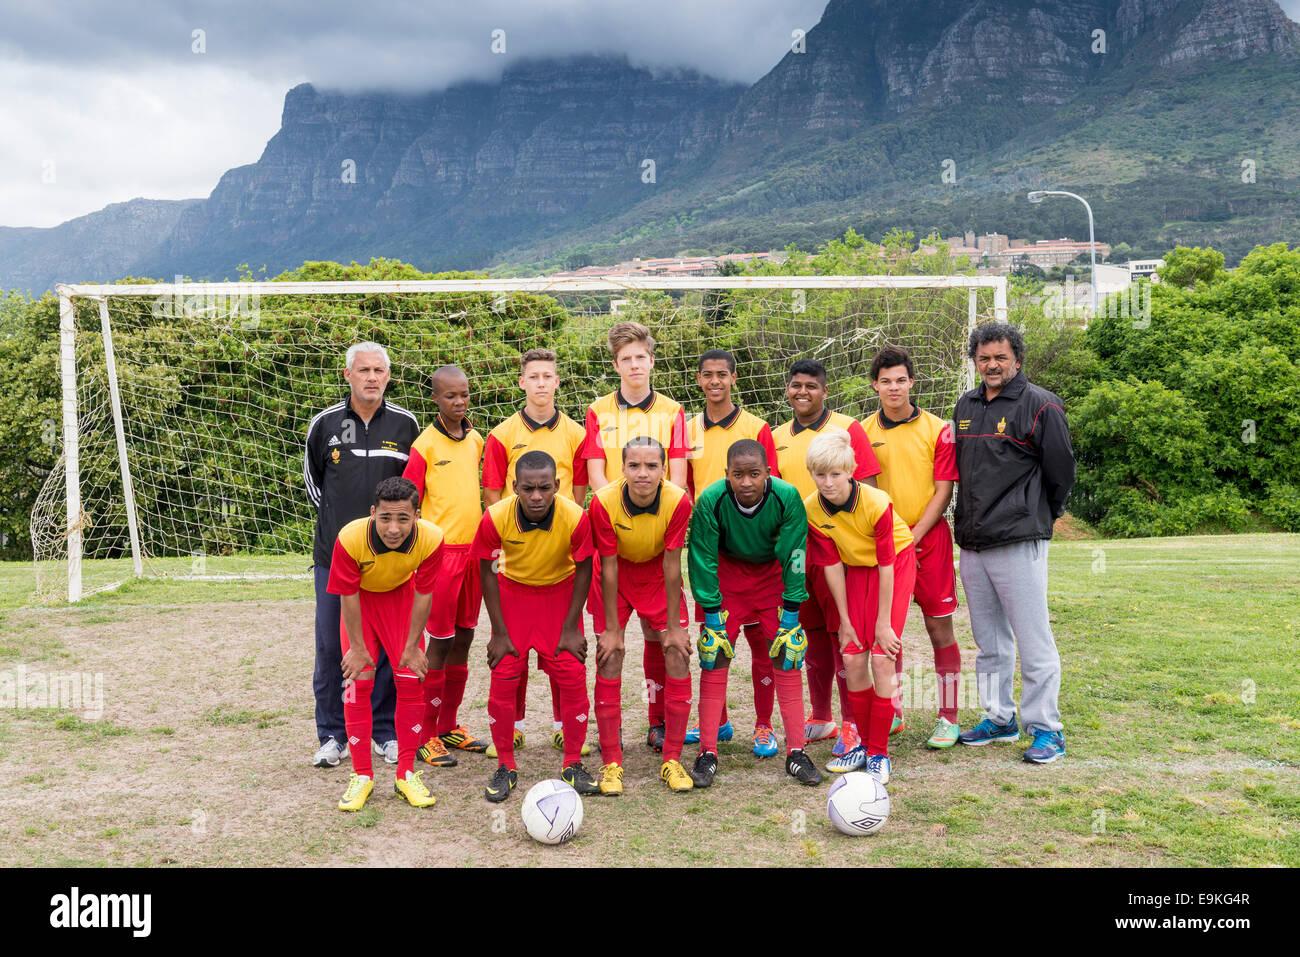 Jugend Fussball Nationalmannschaft U15 Mit Trainer Posen